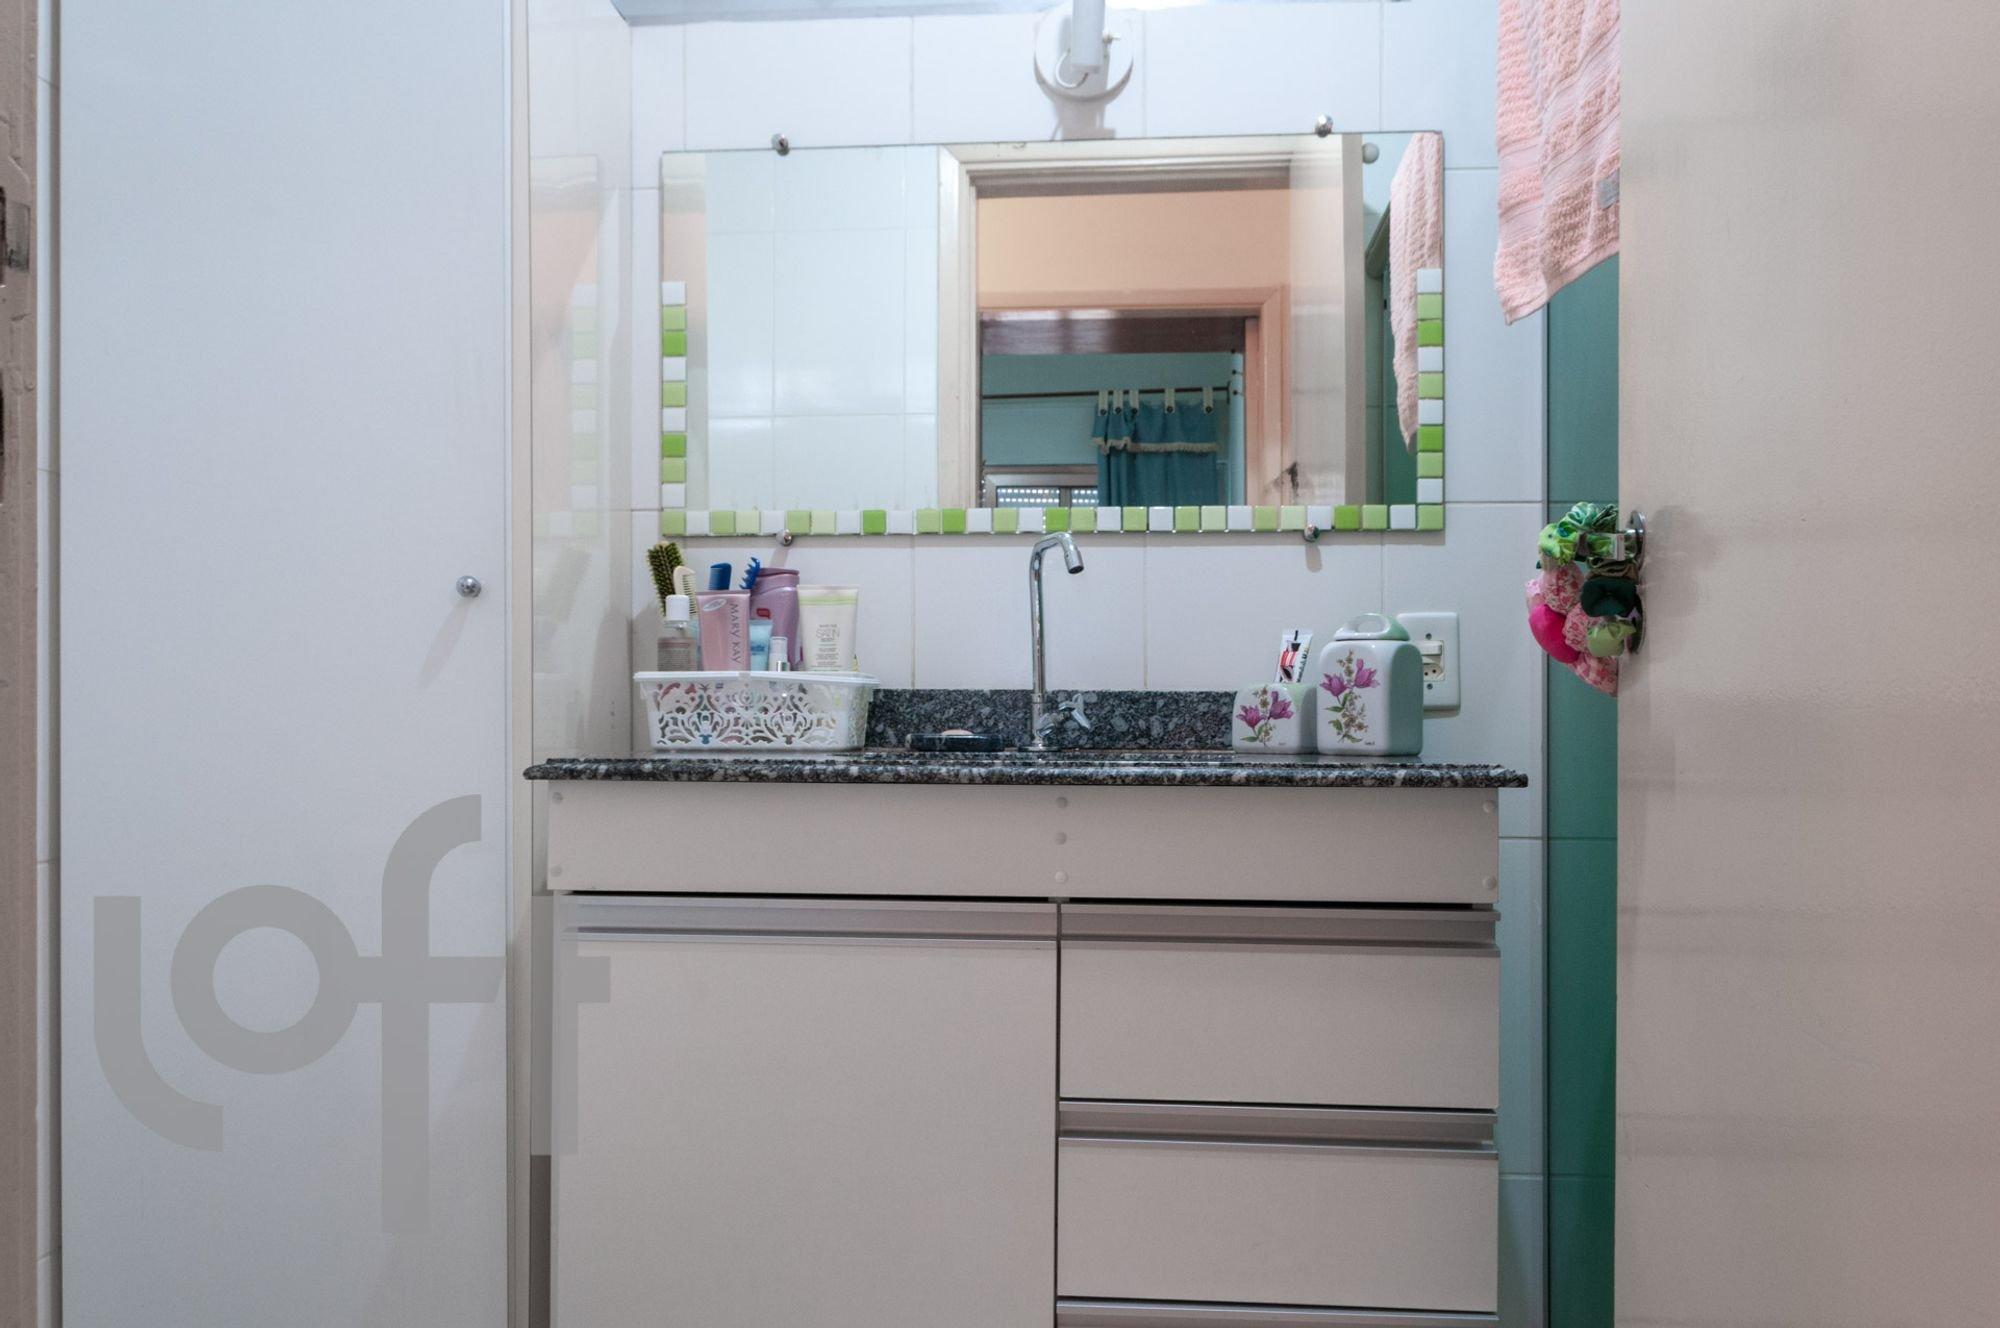 Foto de Cozinha com escova de dente